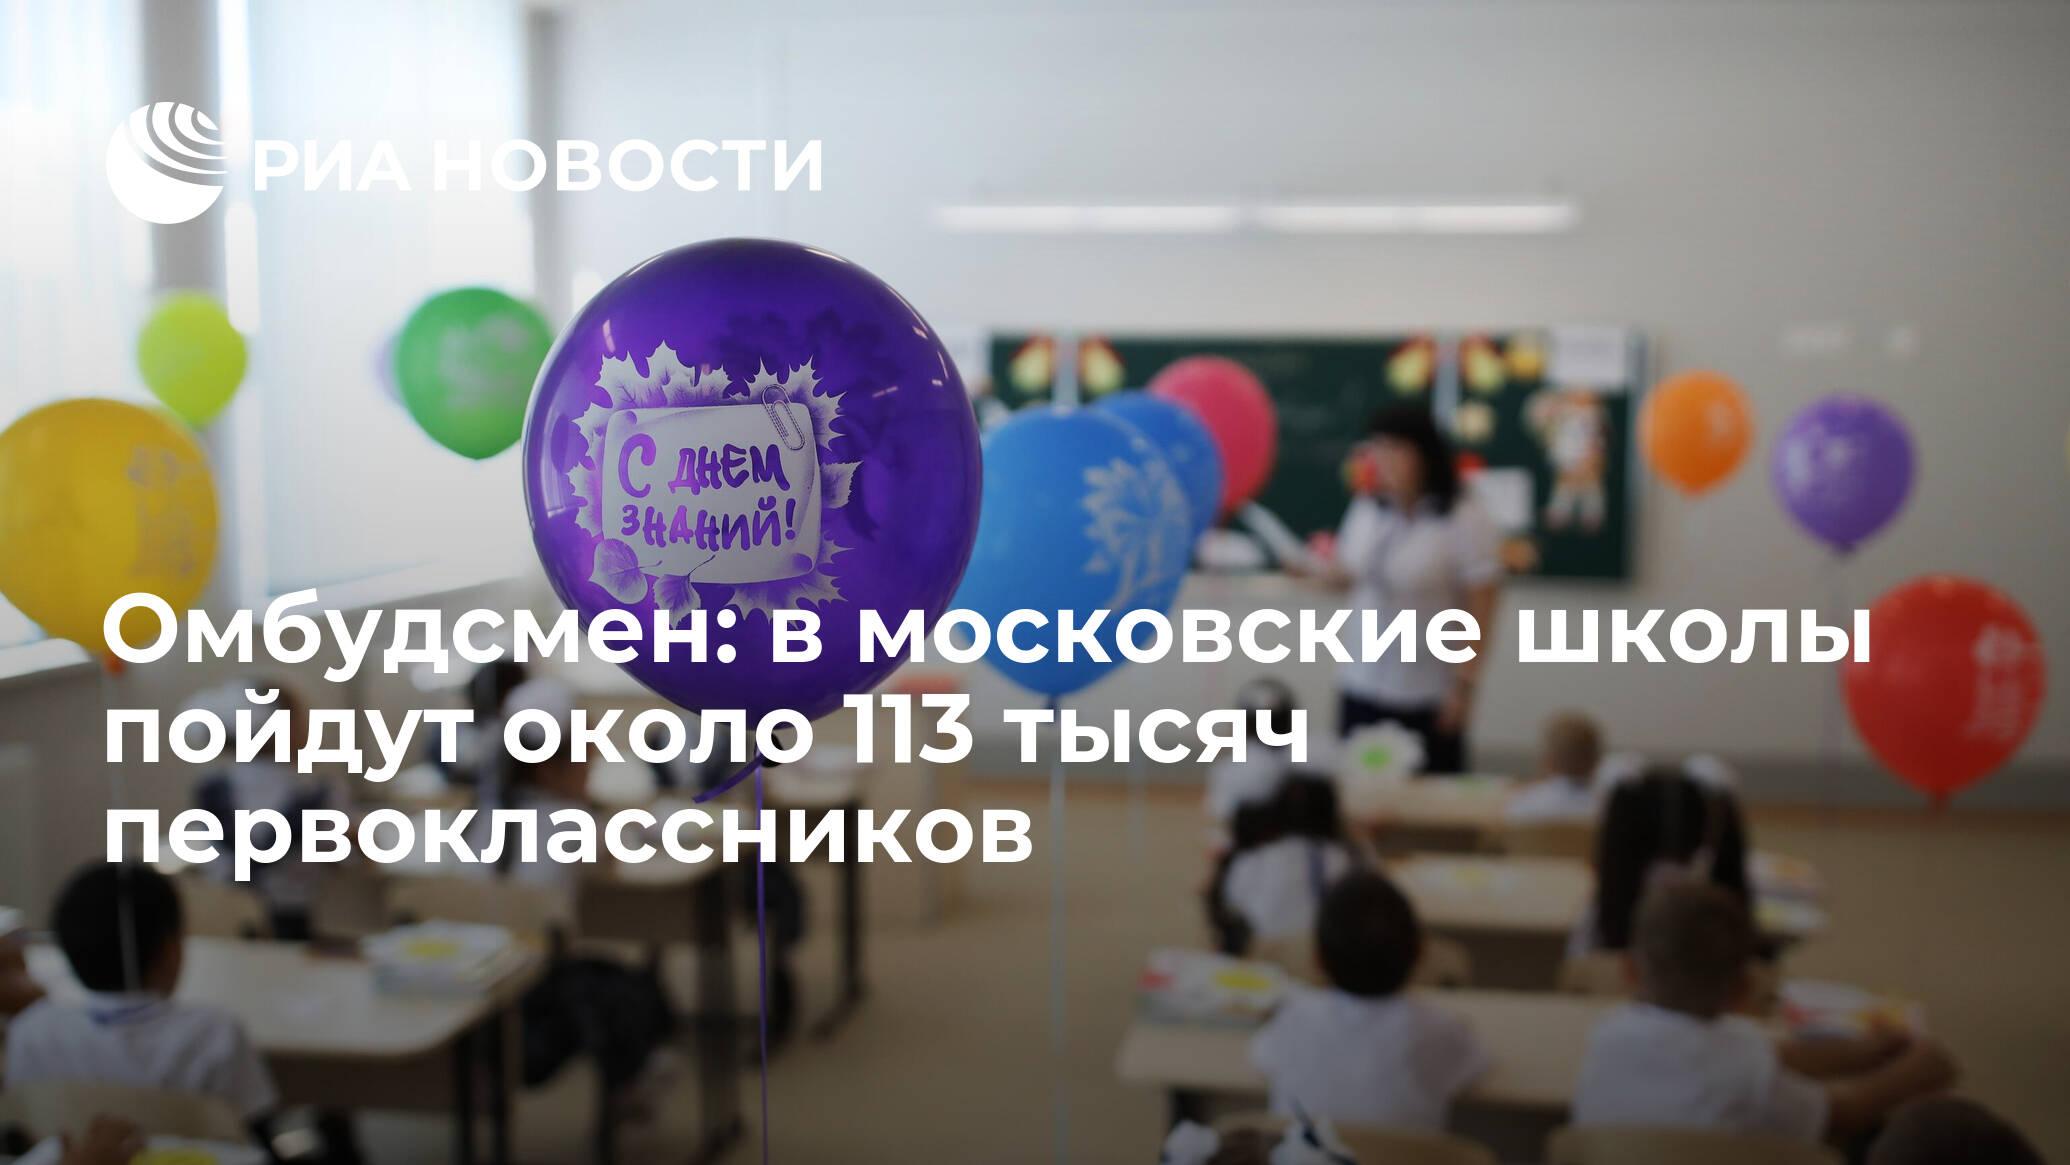 Омбудсмен: в московские школы пойдут около 113 тысяч ...